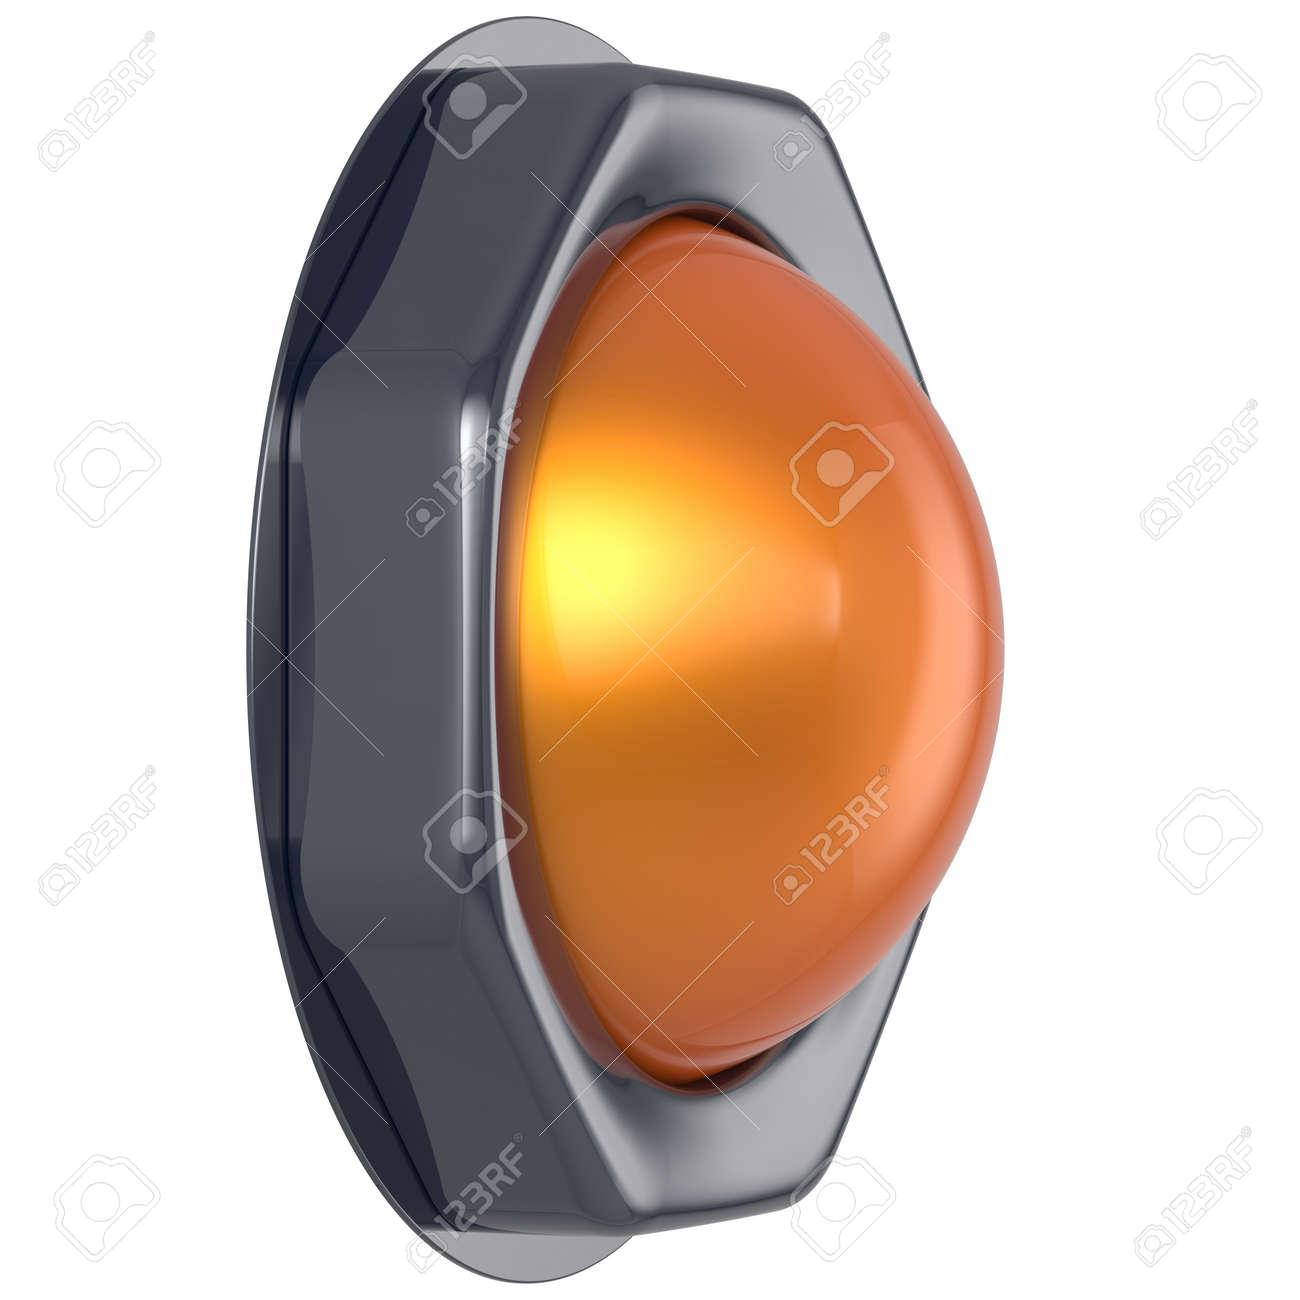 Démarrage Sur Bouton Design Métallique Interrupteur L'action Activer Indicateur D'allumage Jaune Orange Hors Poussoir Électrique Tour Élément H2ID9YEW